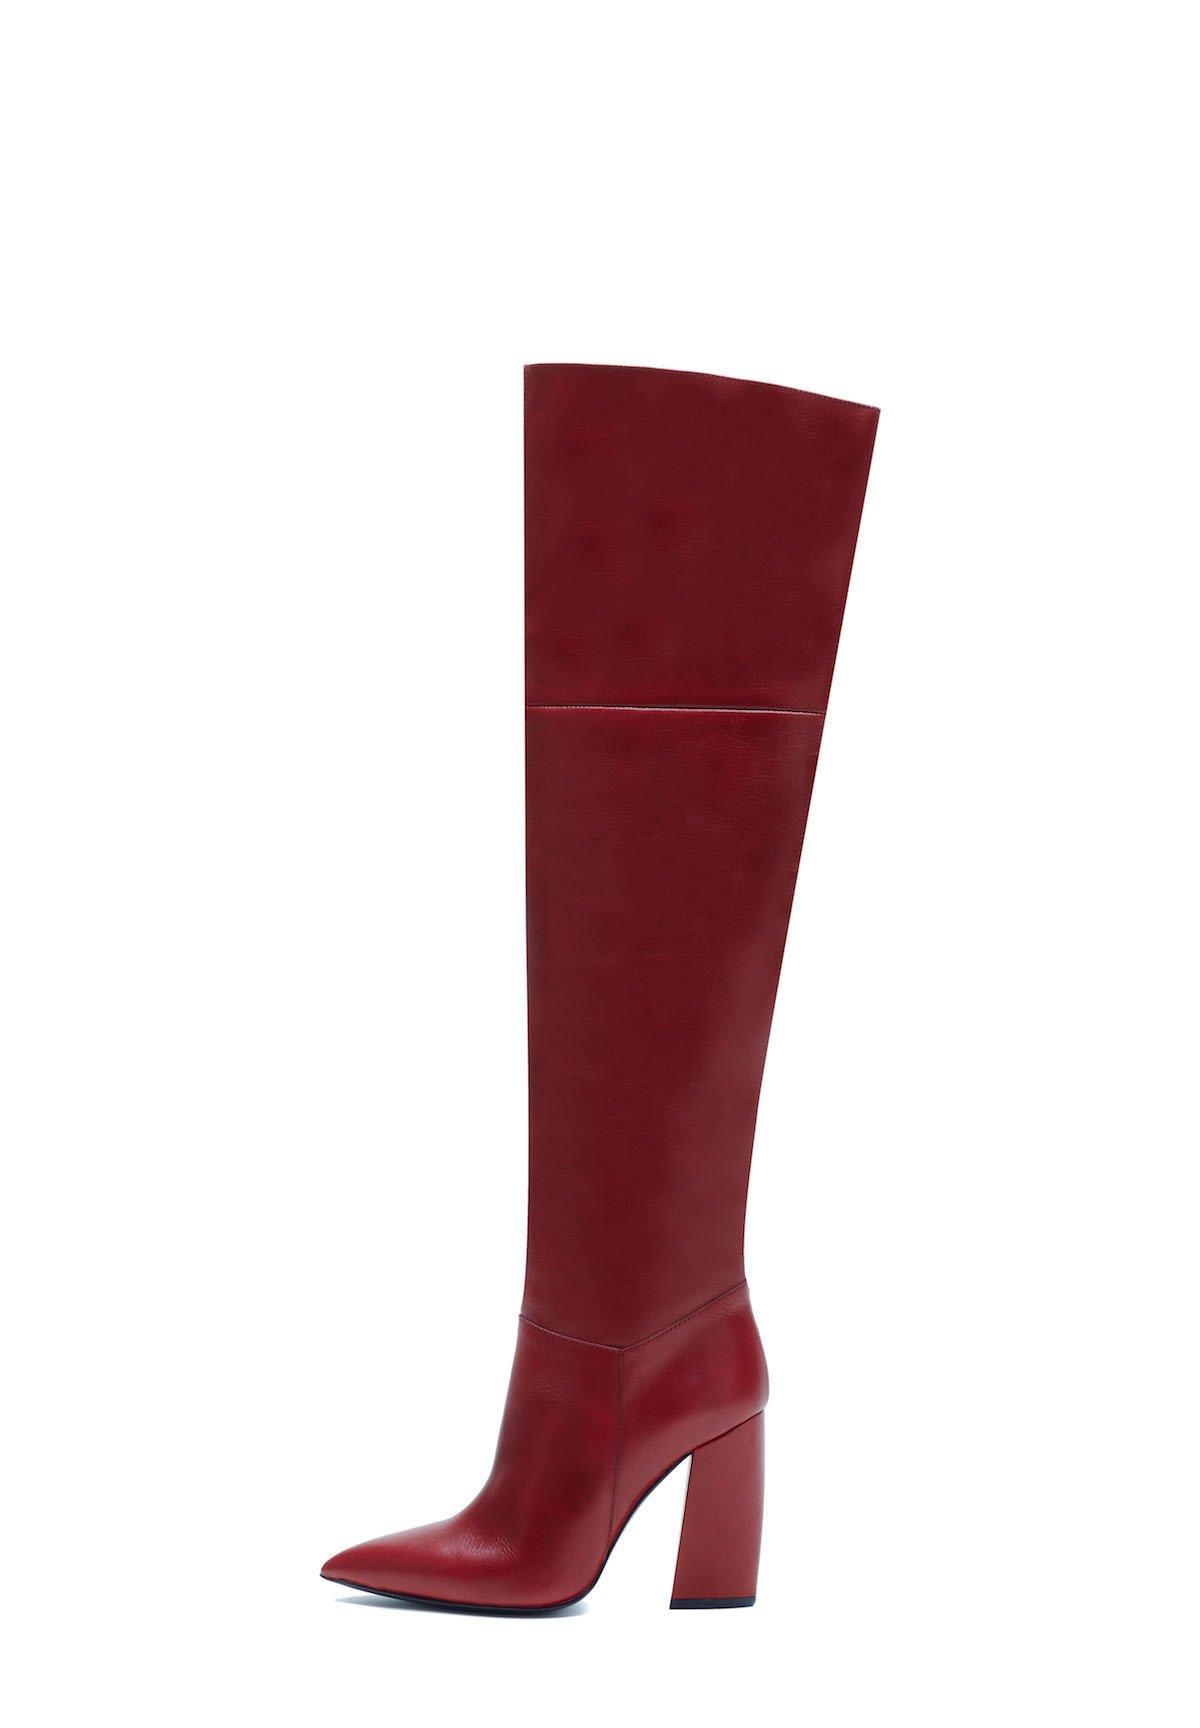 Schoenen XTI Overknee laarzen gris Grijs: € 84,95 Bij